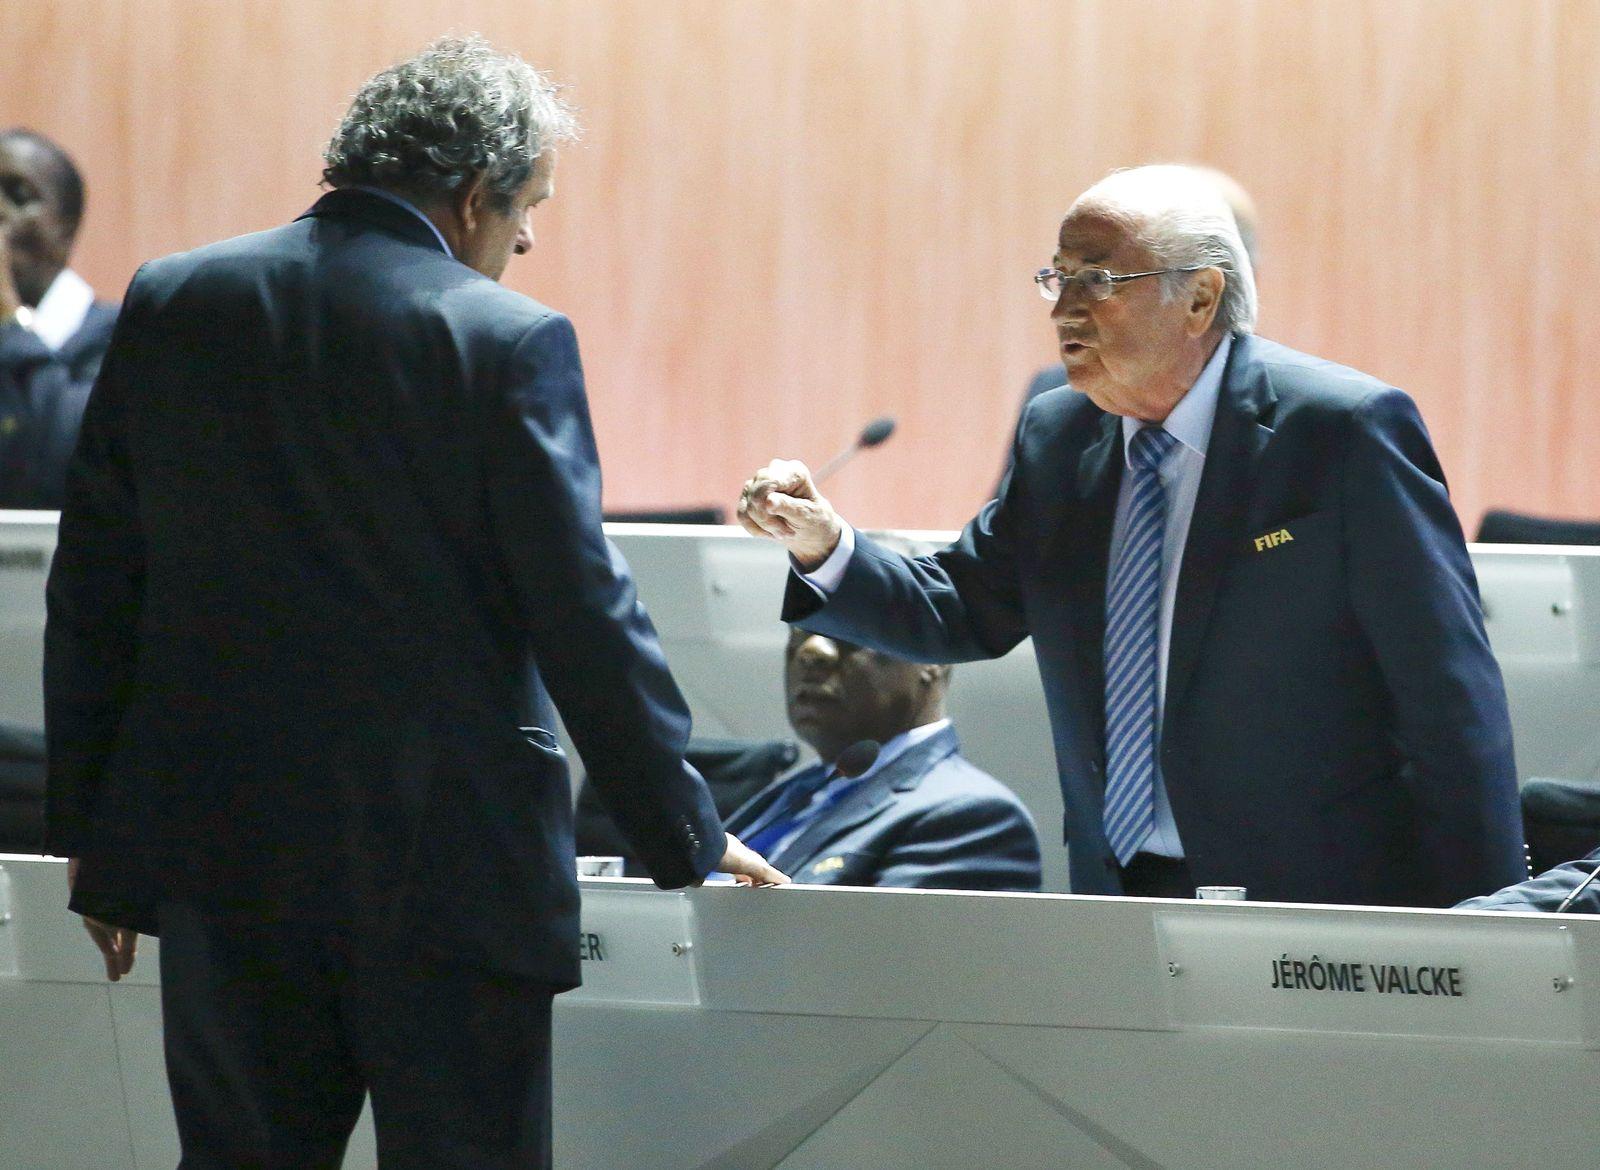 Michel Platini / Sepp Blatter